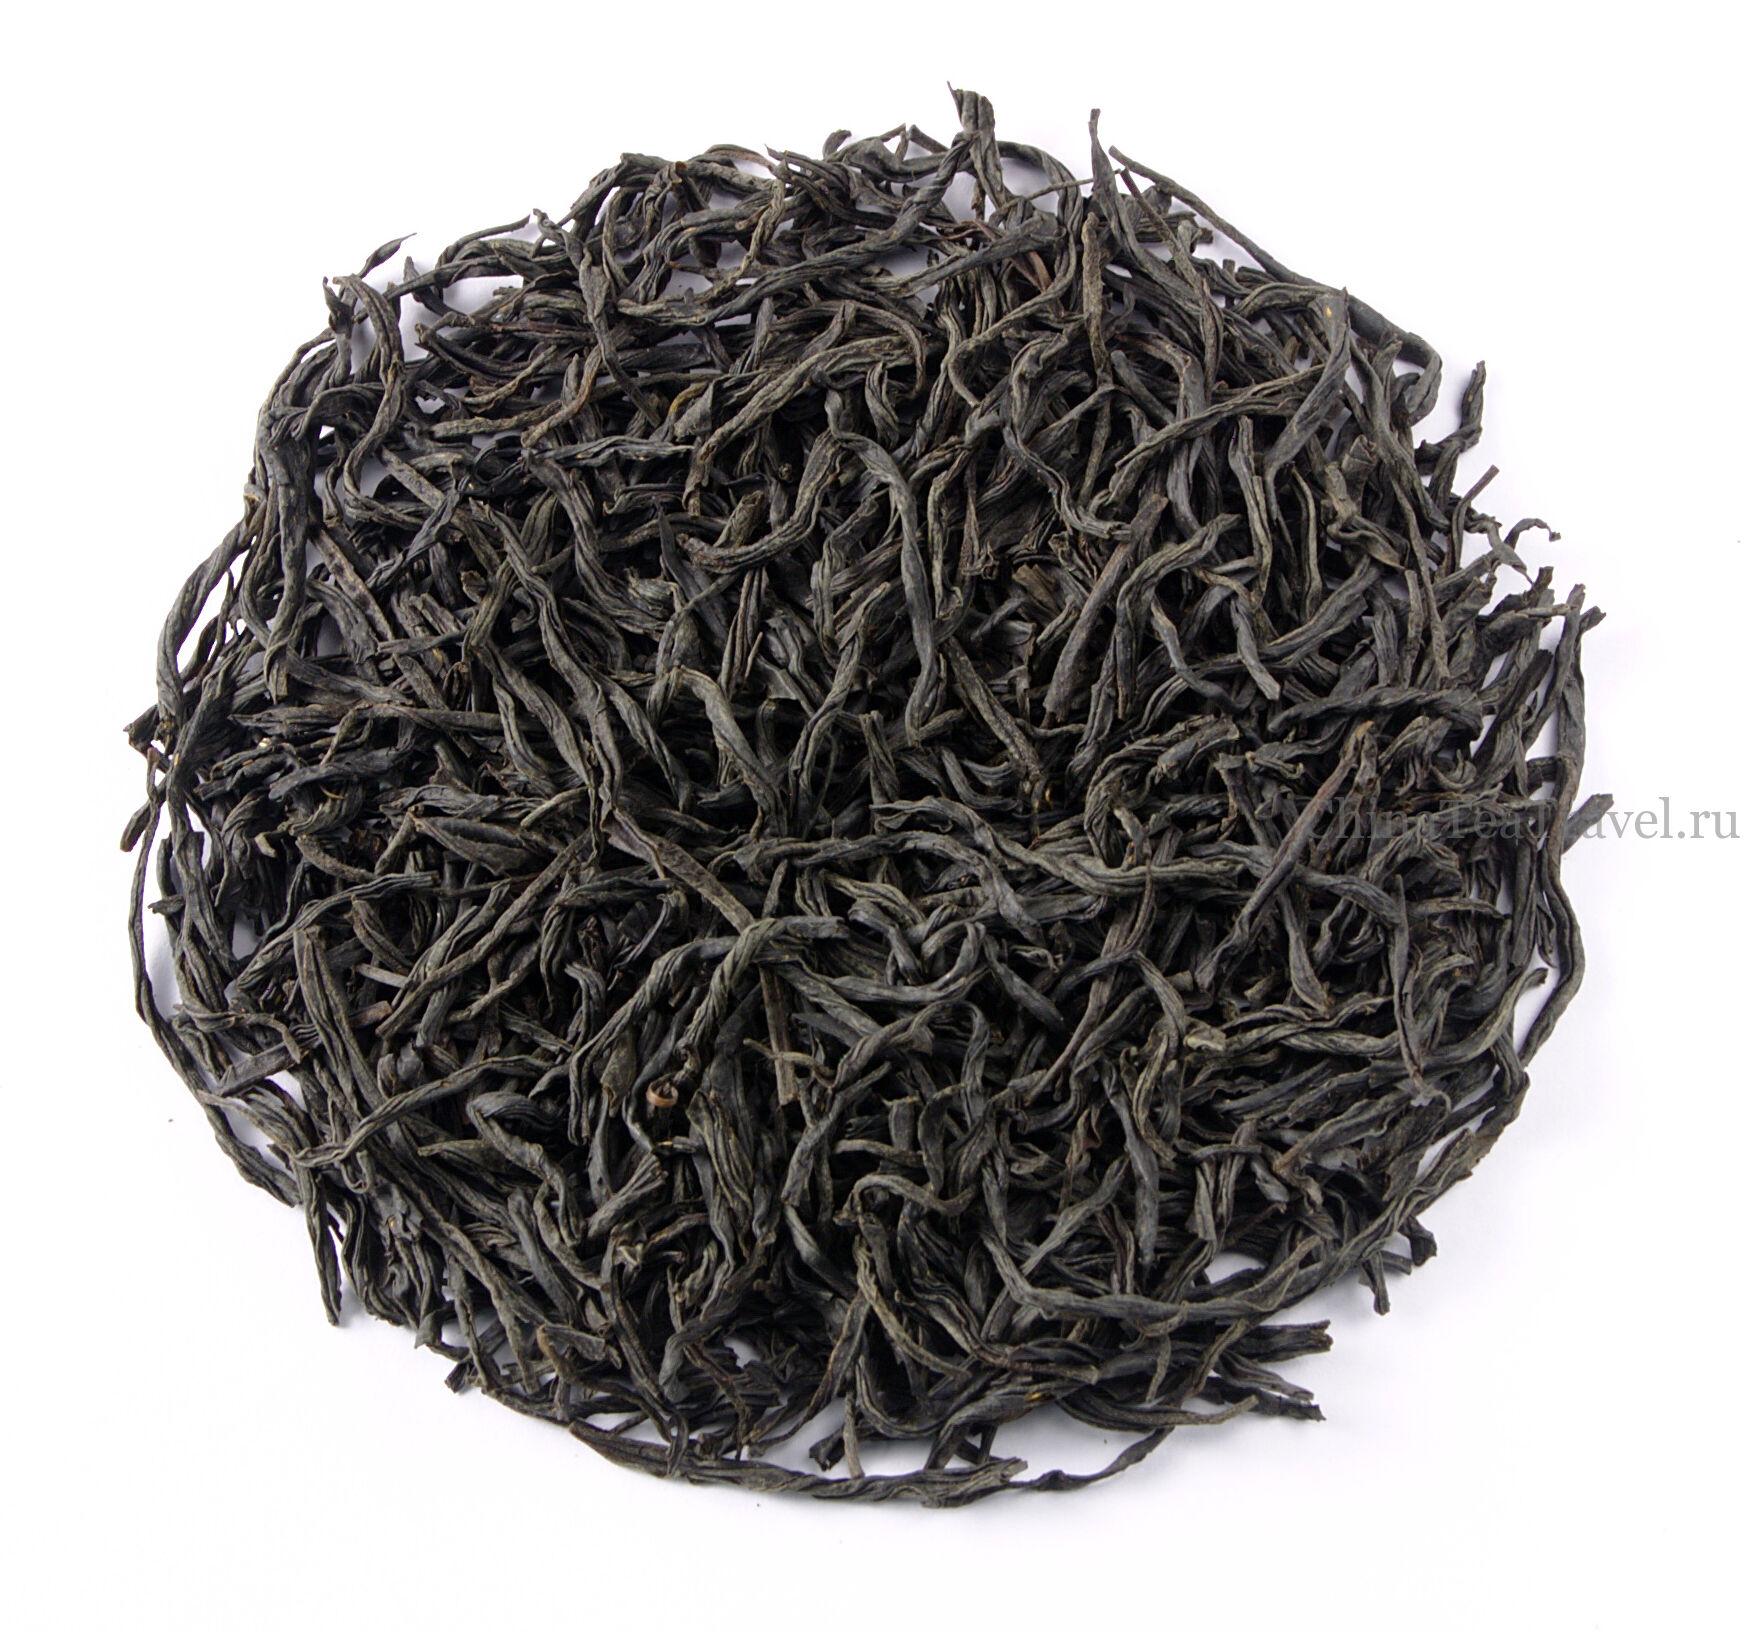 Так выглядит Красный гуандунский чай среднего огня. Yin Jun Mei